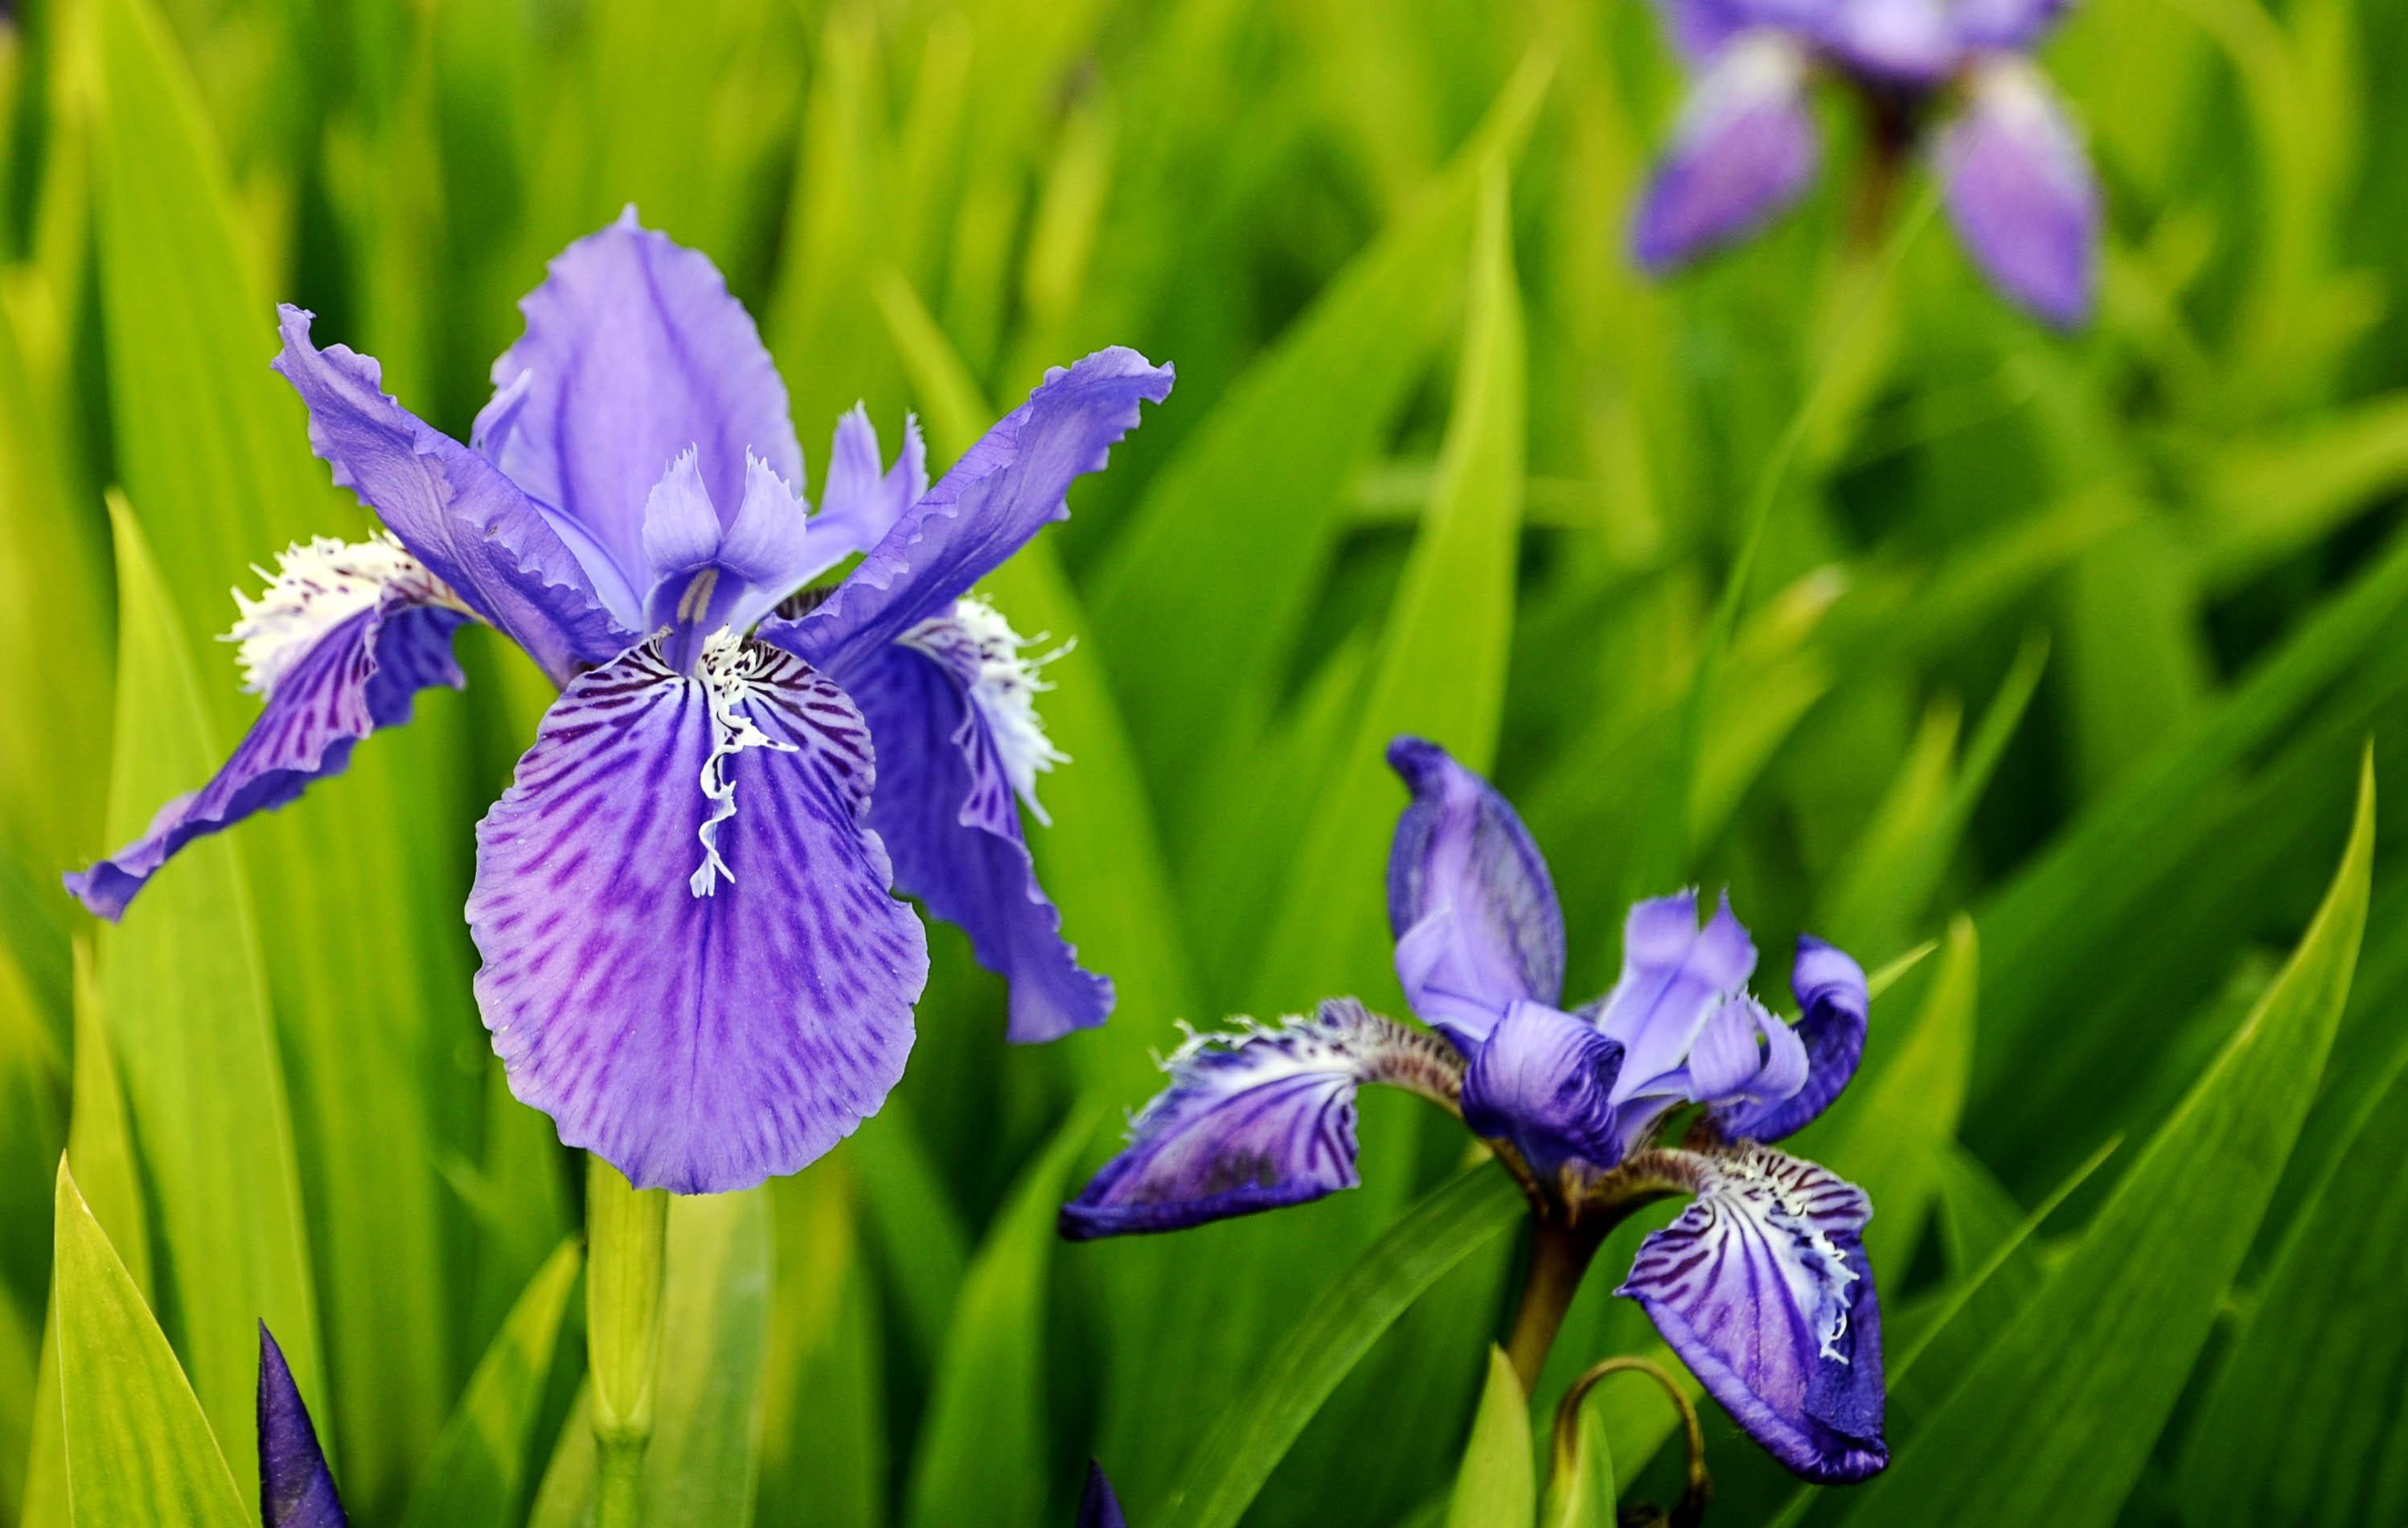 春天有什么花开 常见的盛开在春天的五种花朵